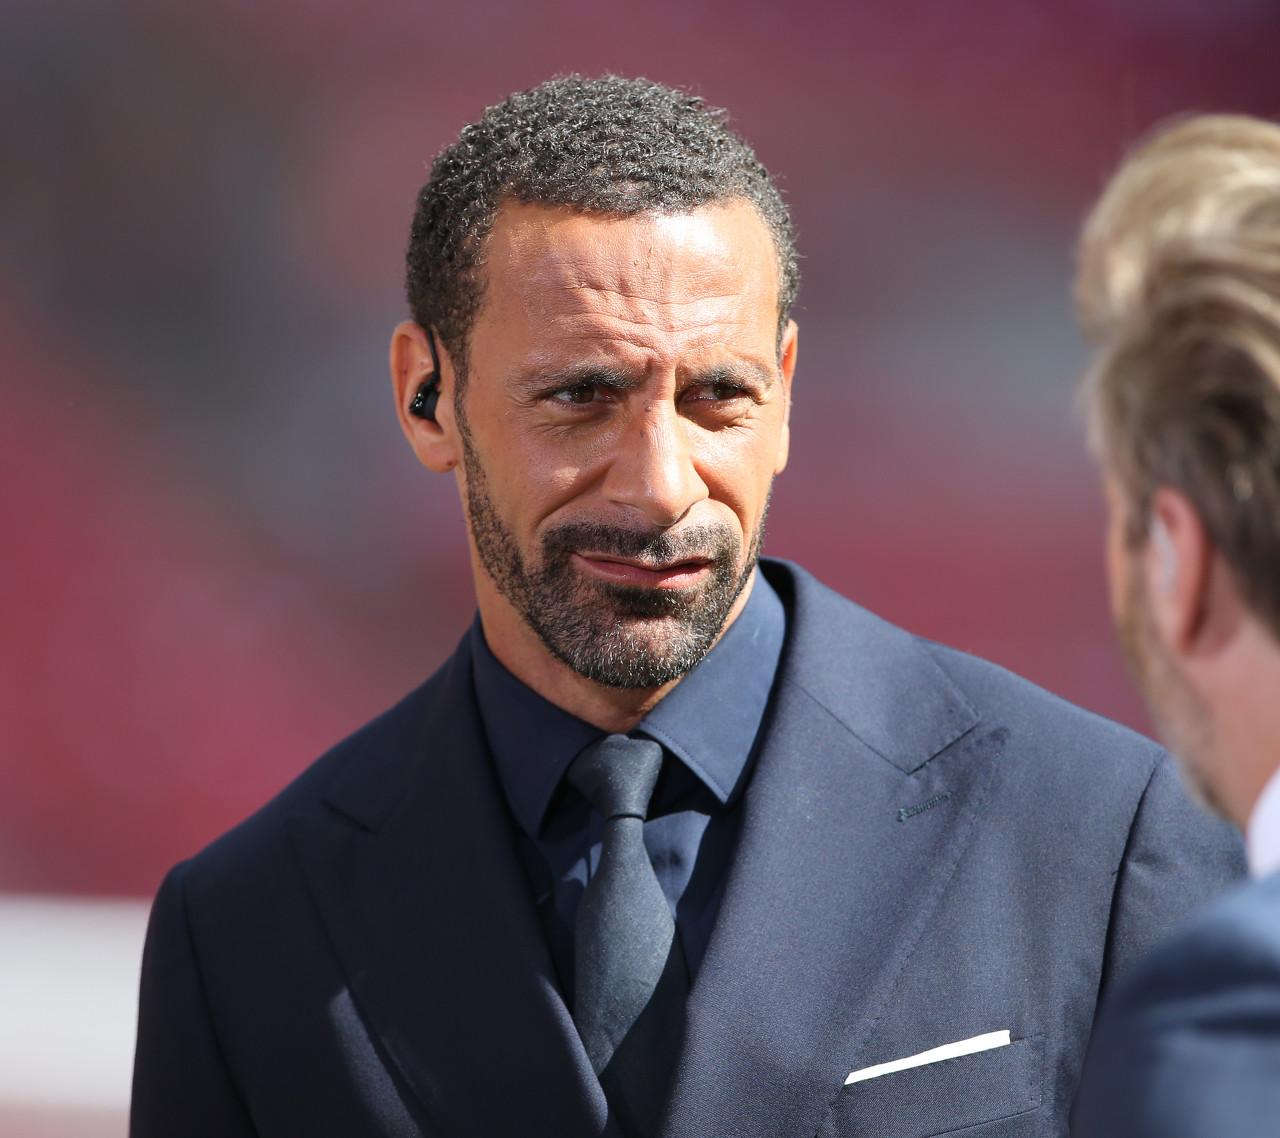 费迪南德:索肖增加了曼联对年轻球员的吸引力